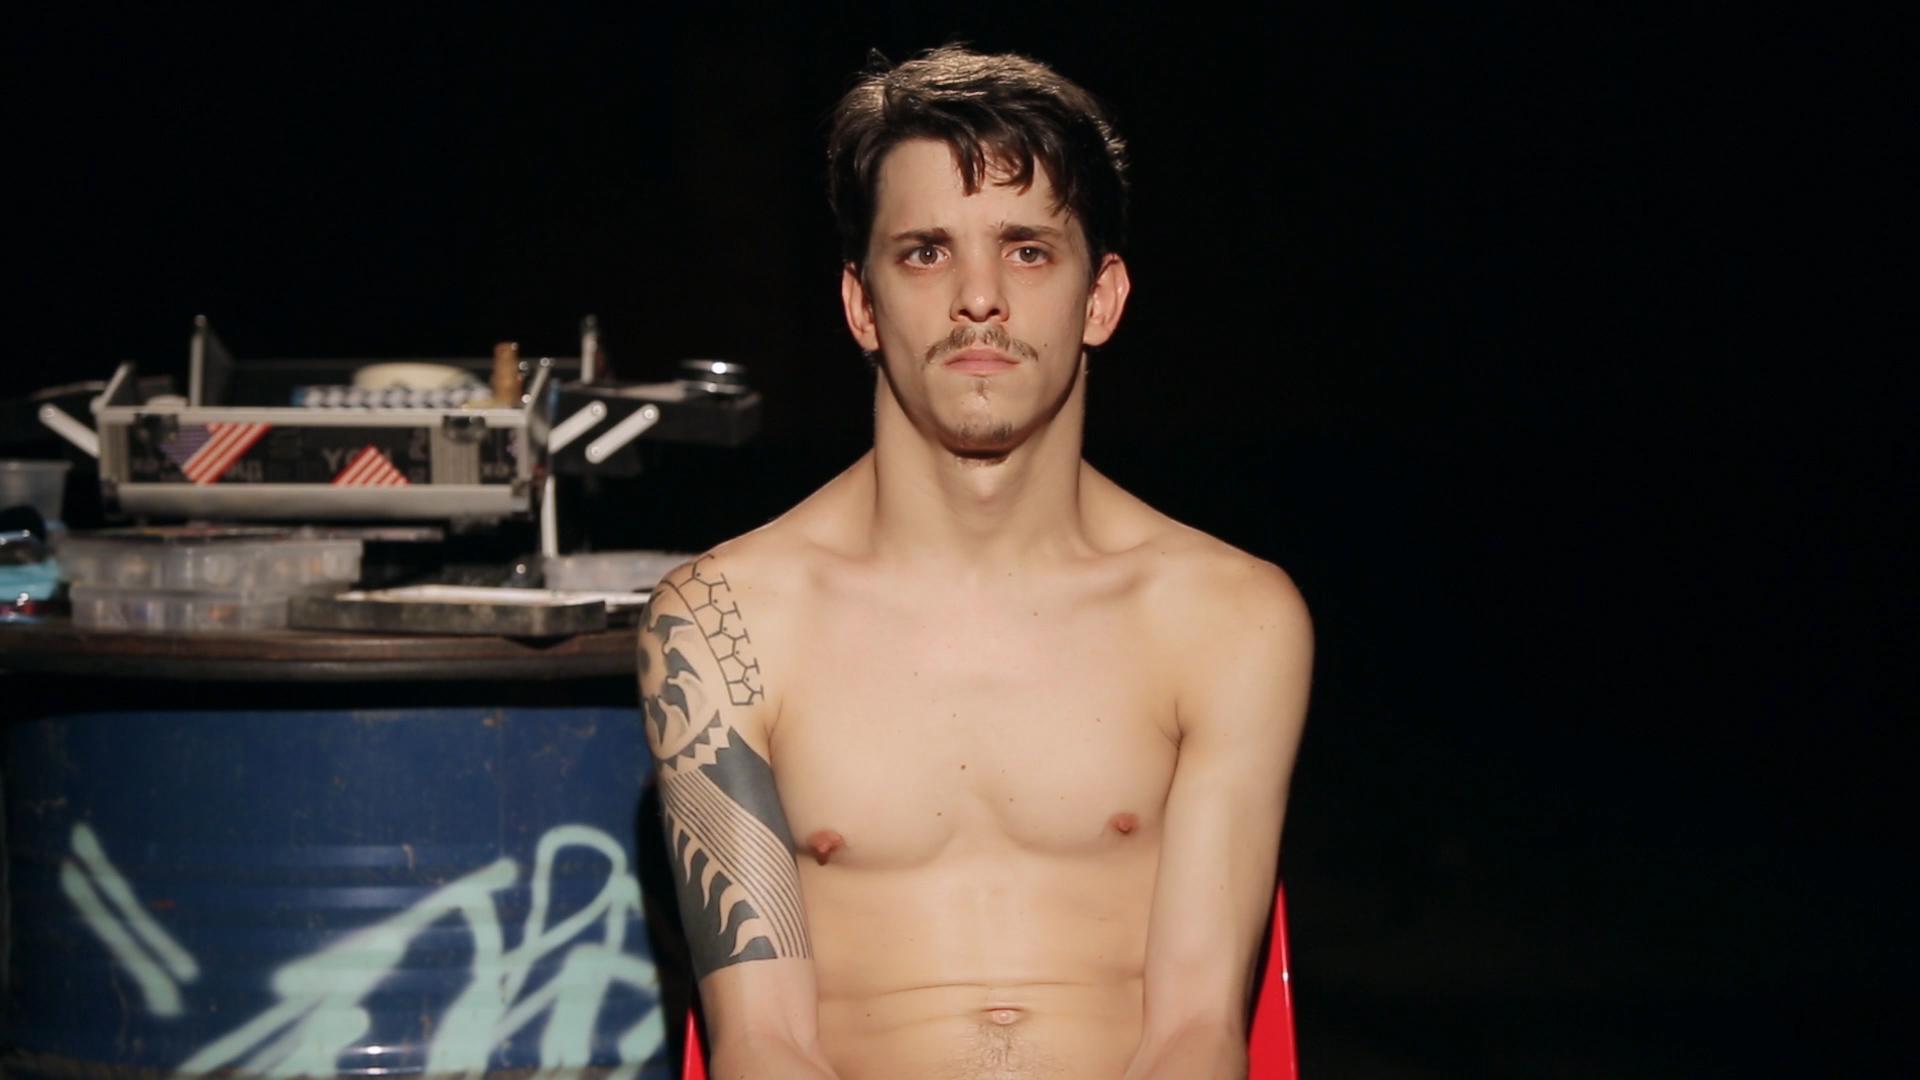 Bild på Daniel med bar överkropp. Han har en tatuering på höger arm och sitter på en röd stol.